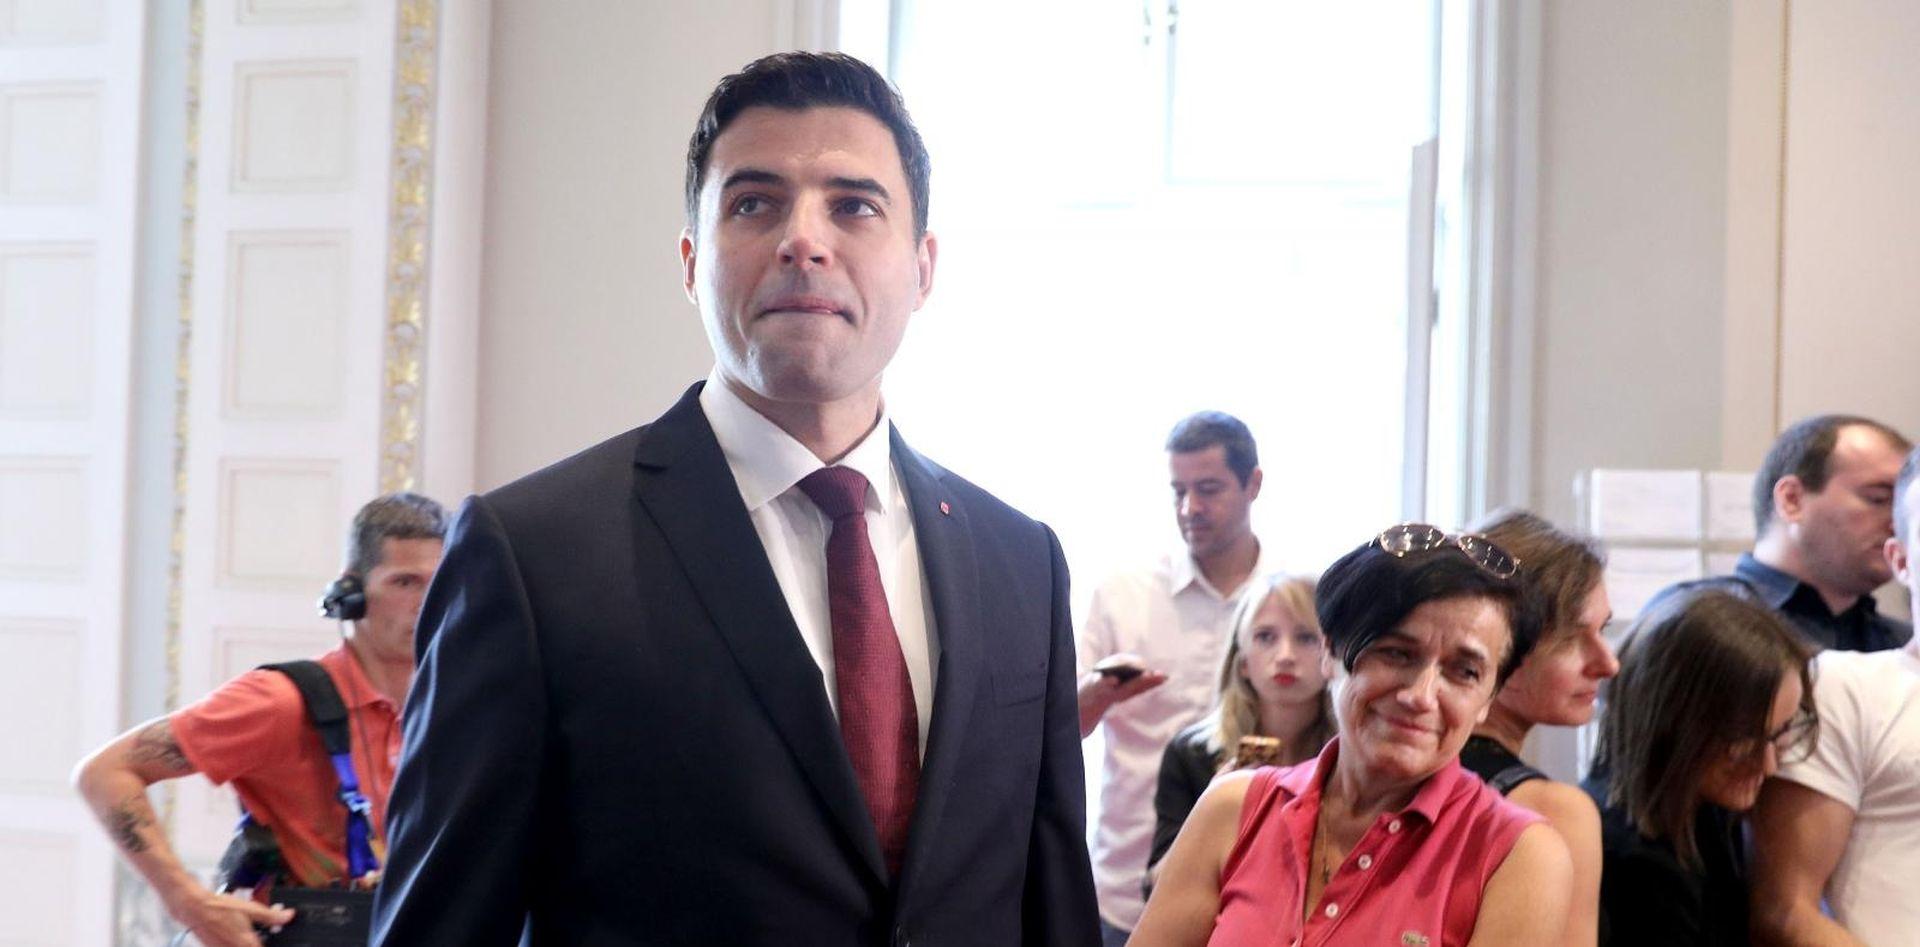 Glavnom odboru SDP-a stigao zahtjev za raspisivanje referenduma